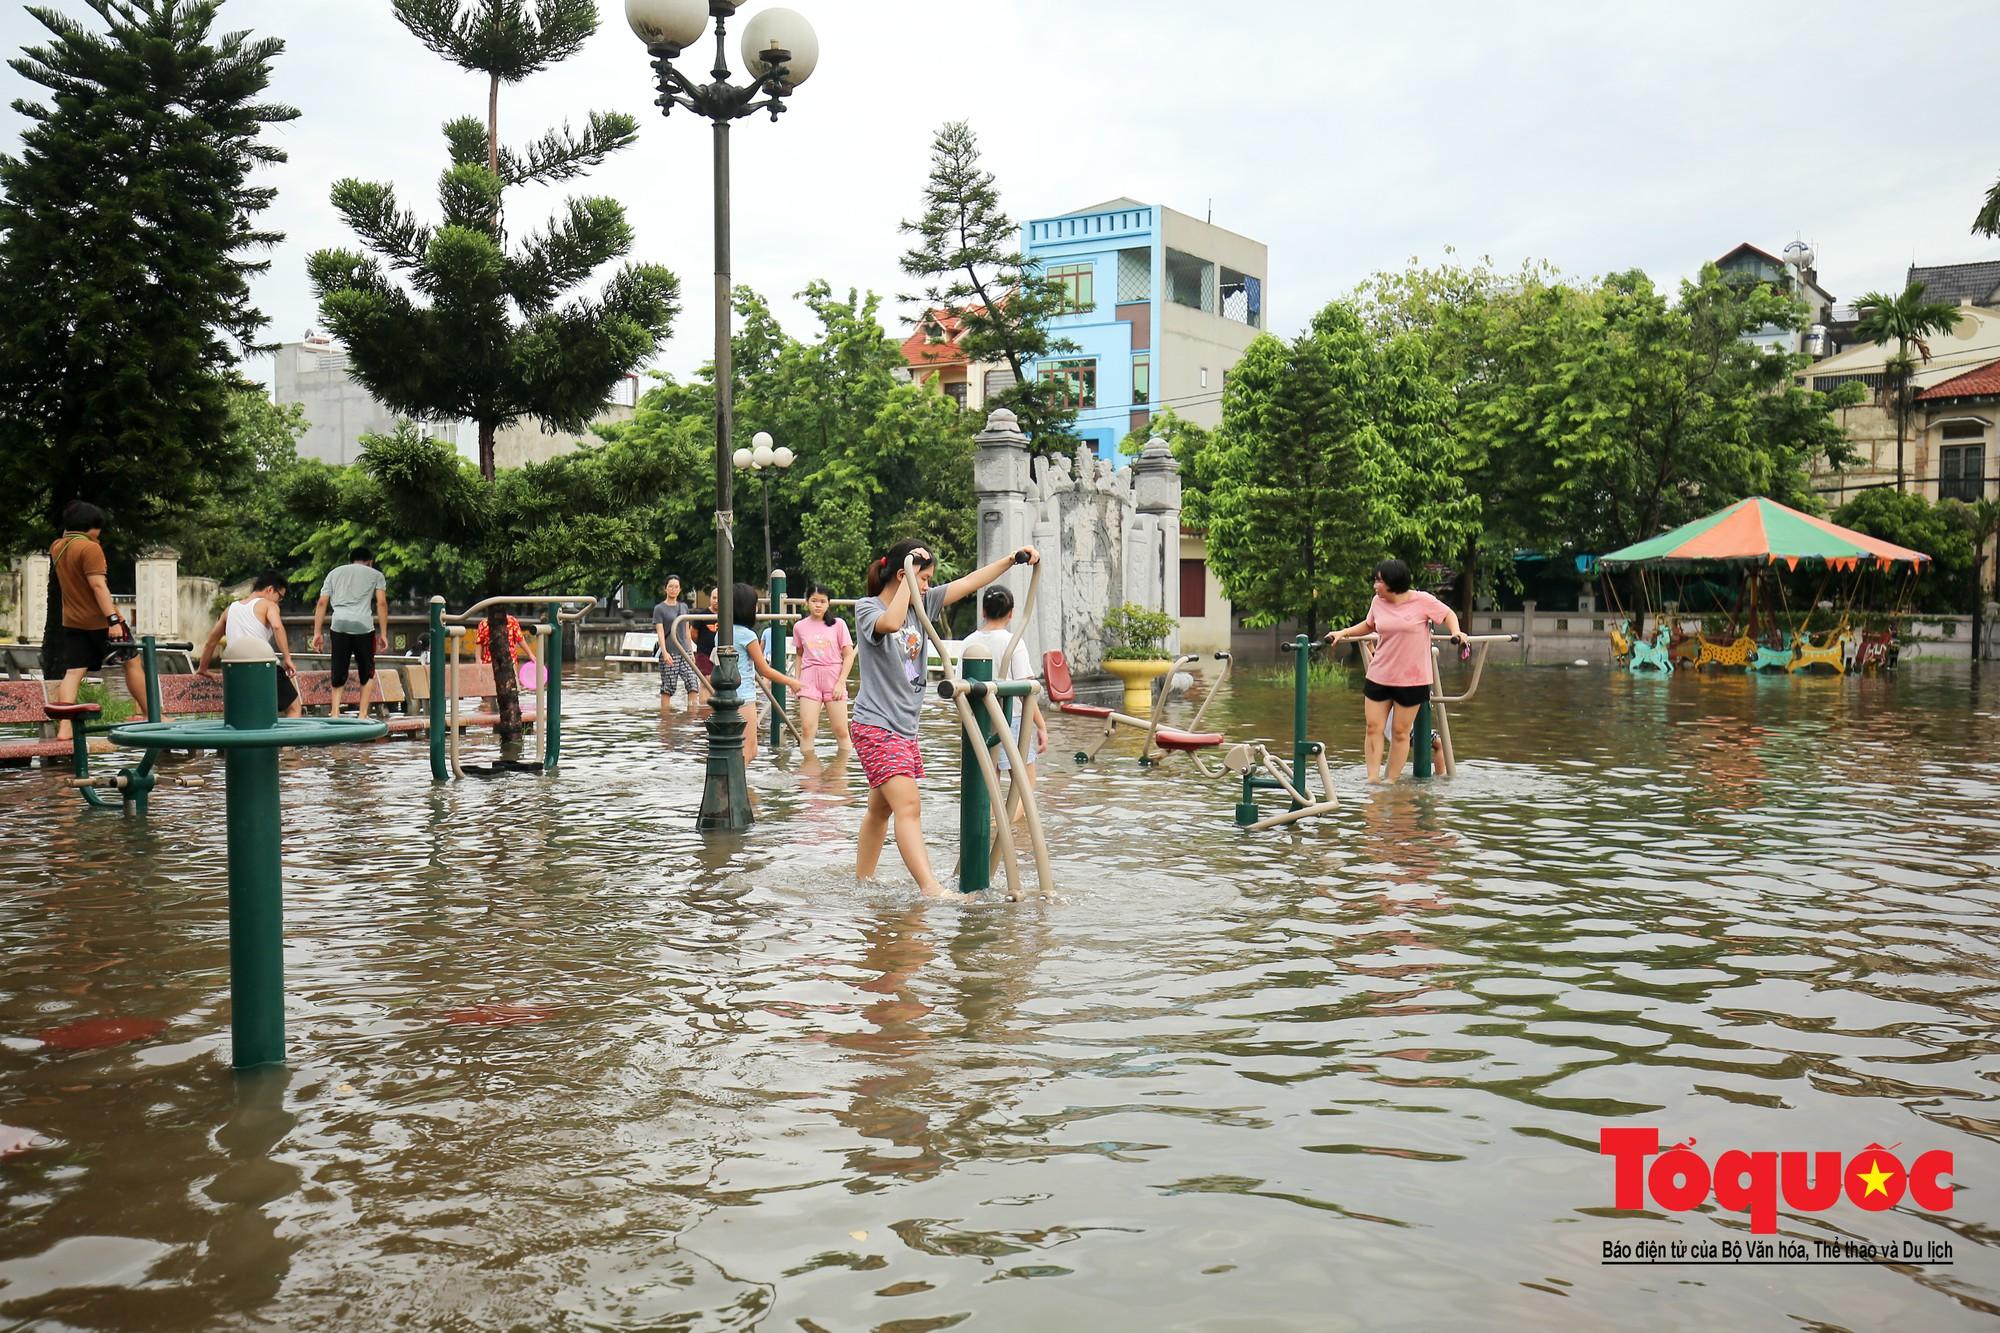 Người dân thủ đô thích thú với công viên nước bất đắc dĩ trong sân đình16